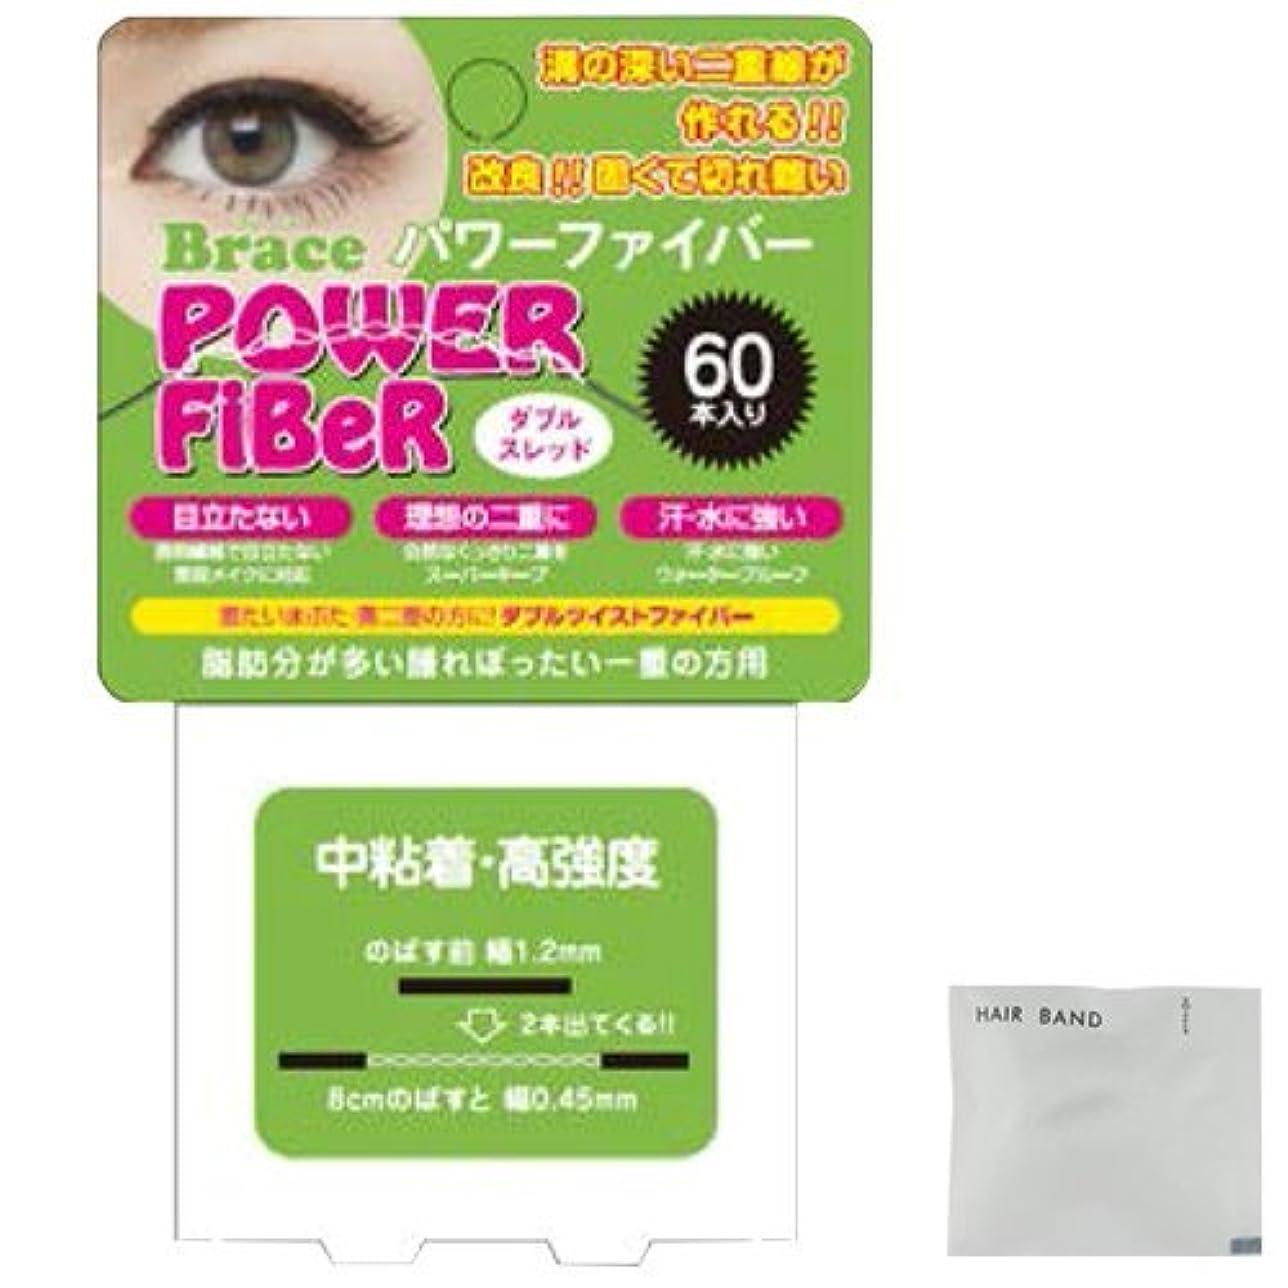 突き刺すこしょう有力者Brace パワーファイバー (Power Fiber) ダブルスレッドクリア1.2mm + ヘアゴム(カラーはおまかせ)セット